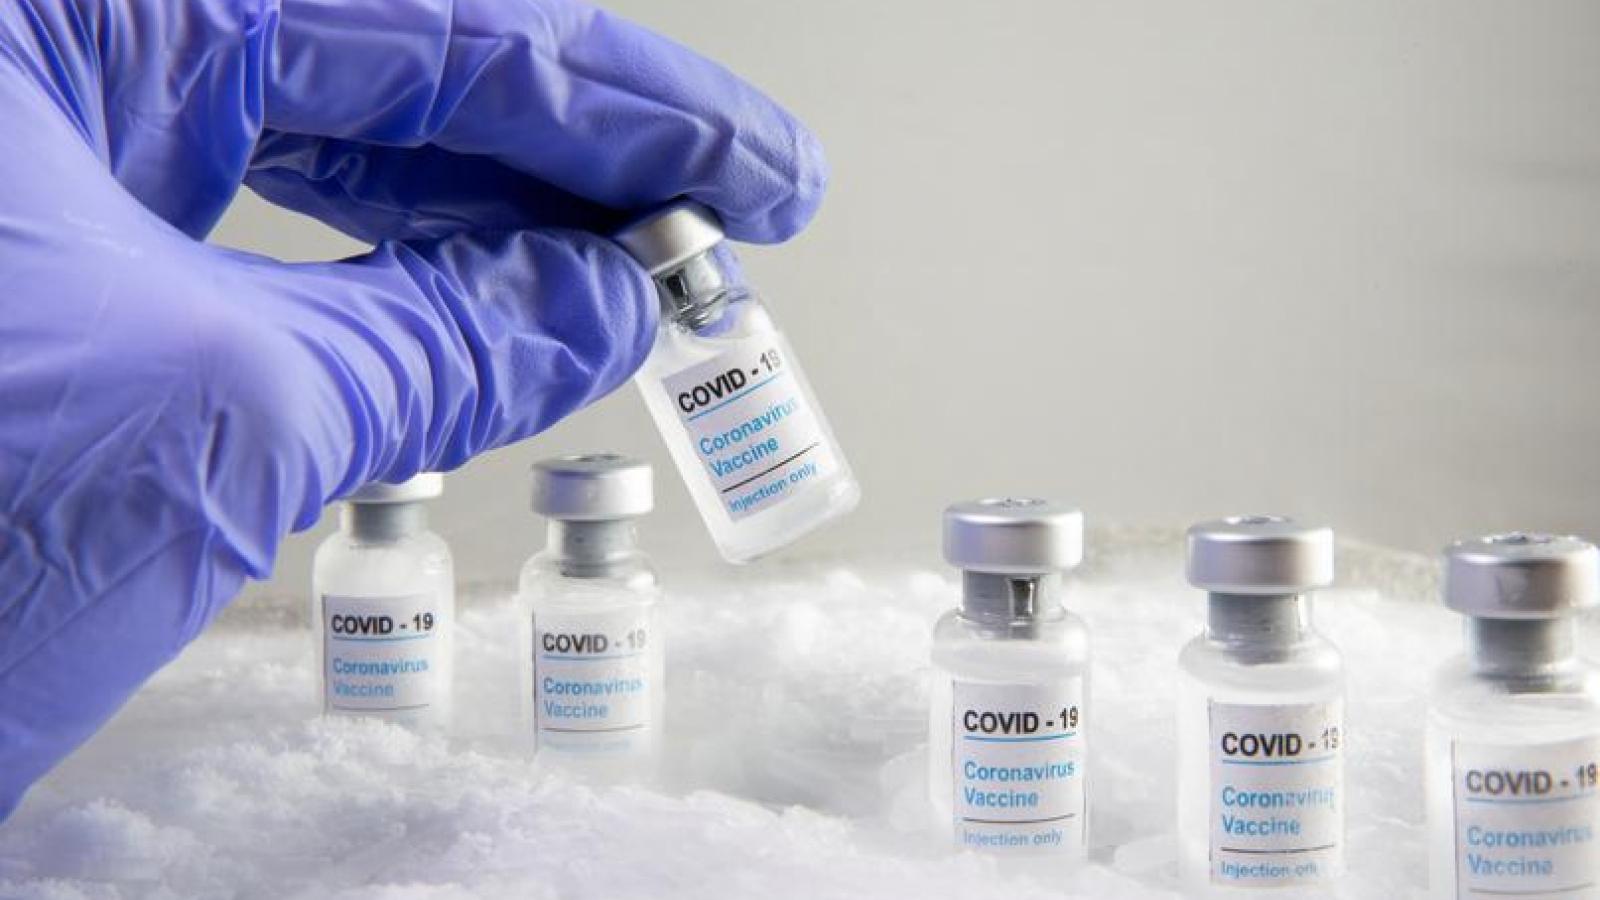 Xuất hiện biến thể mới nguy hiểm khiến cuộc đua vaccine Covid-19 thêm khó khăn